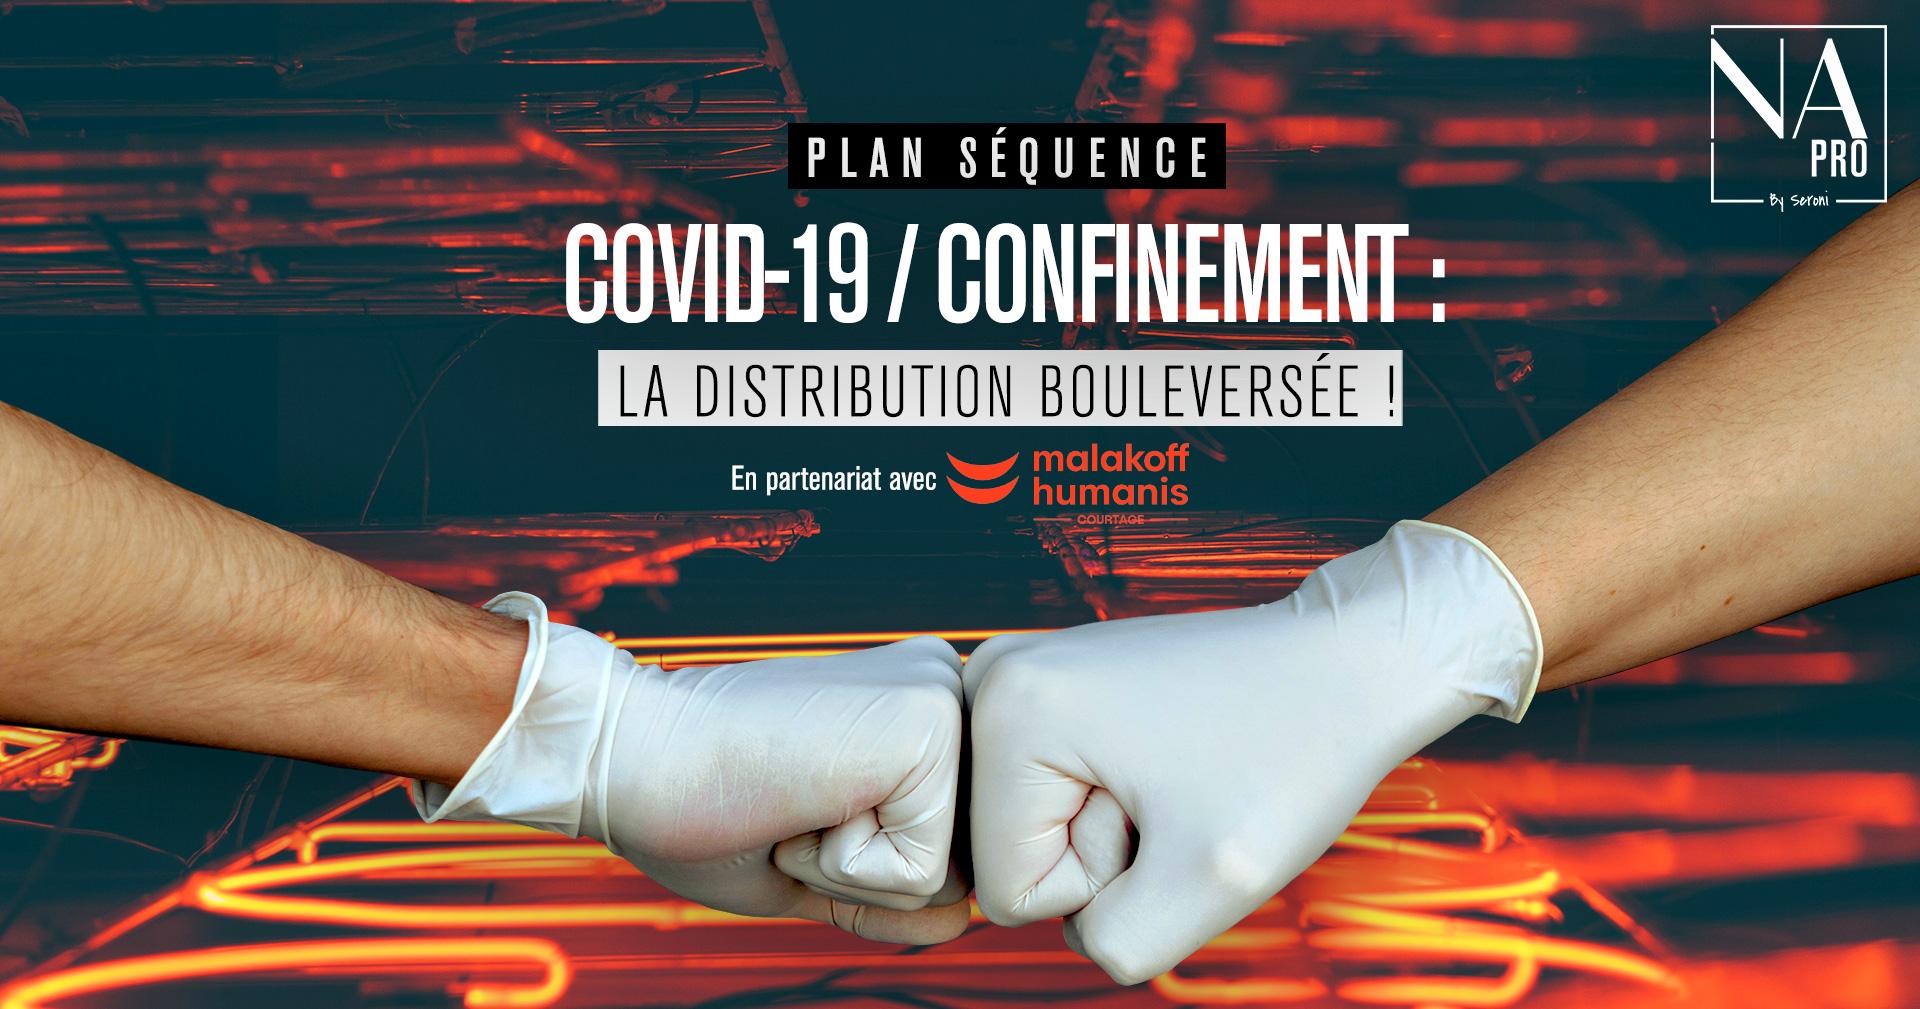 Covid-19 / Confinement : La distribution bouleversée !